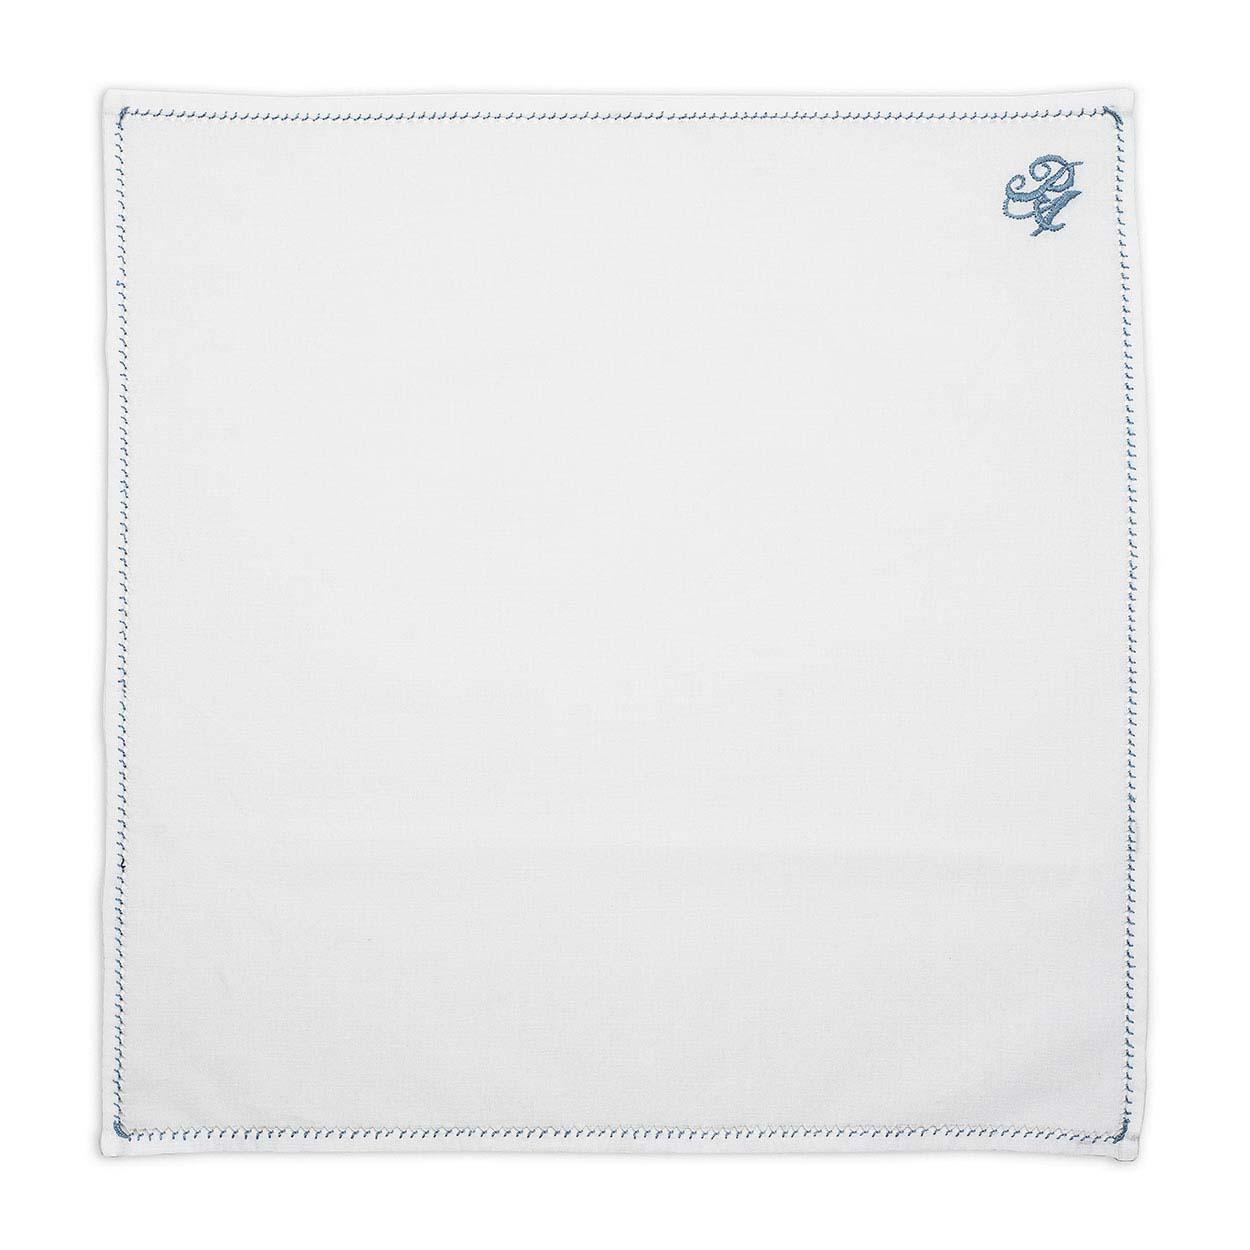 Λευκό Μαντήλι Κουστουμιού με Μπλε Μονόγραμμα